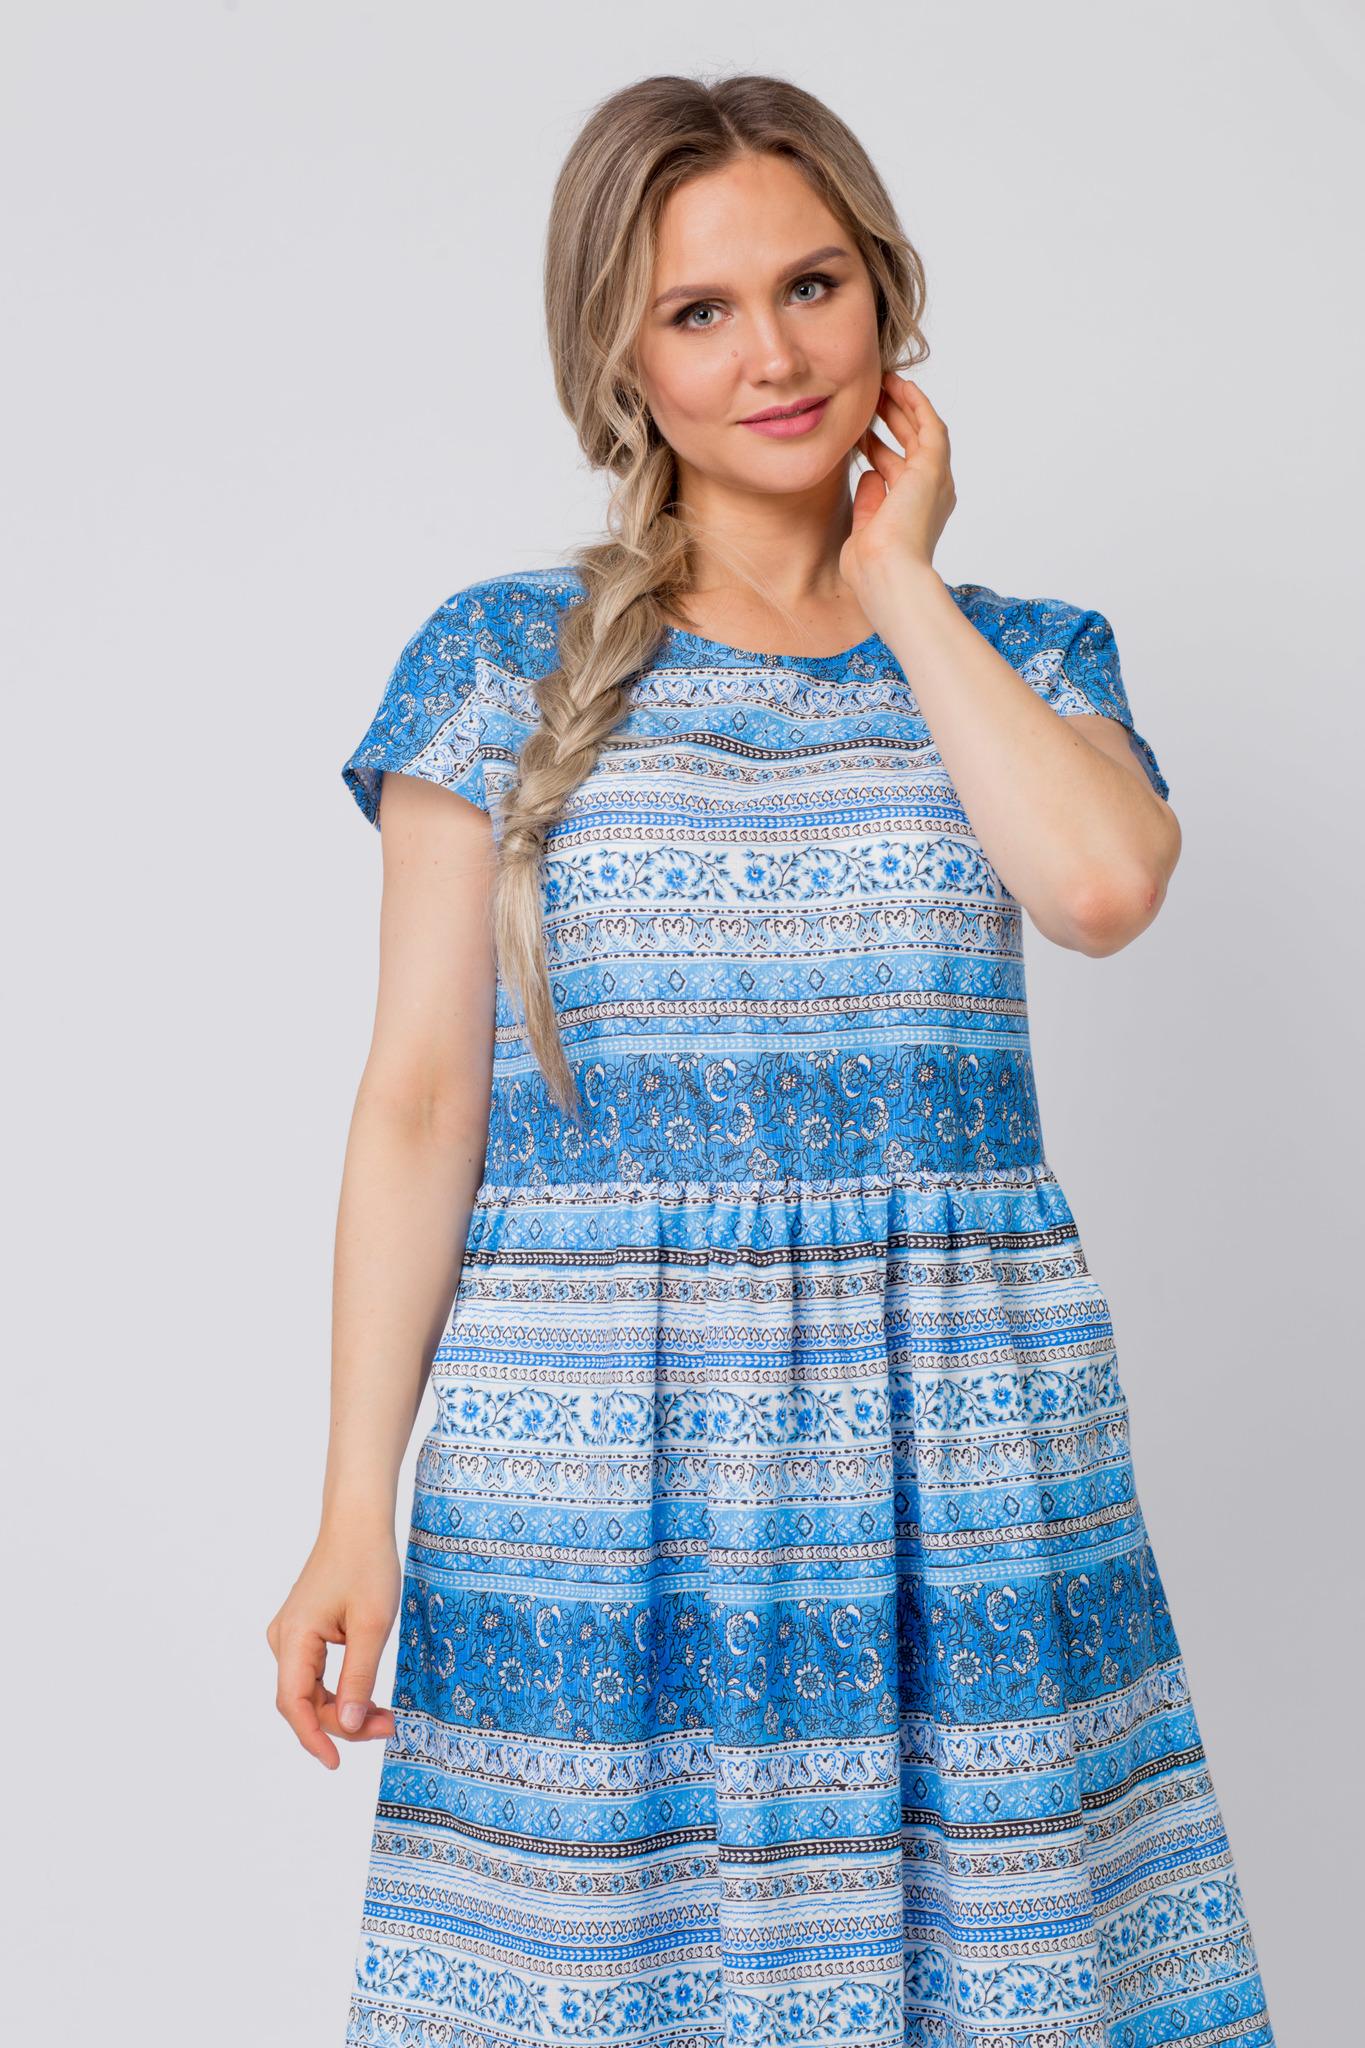 Платье Летний сон приближенный фрагмент